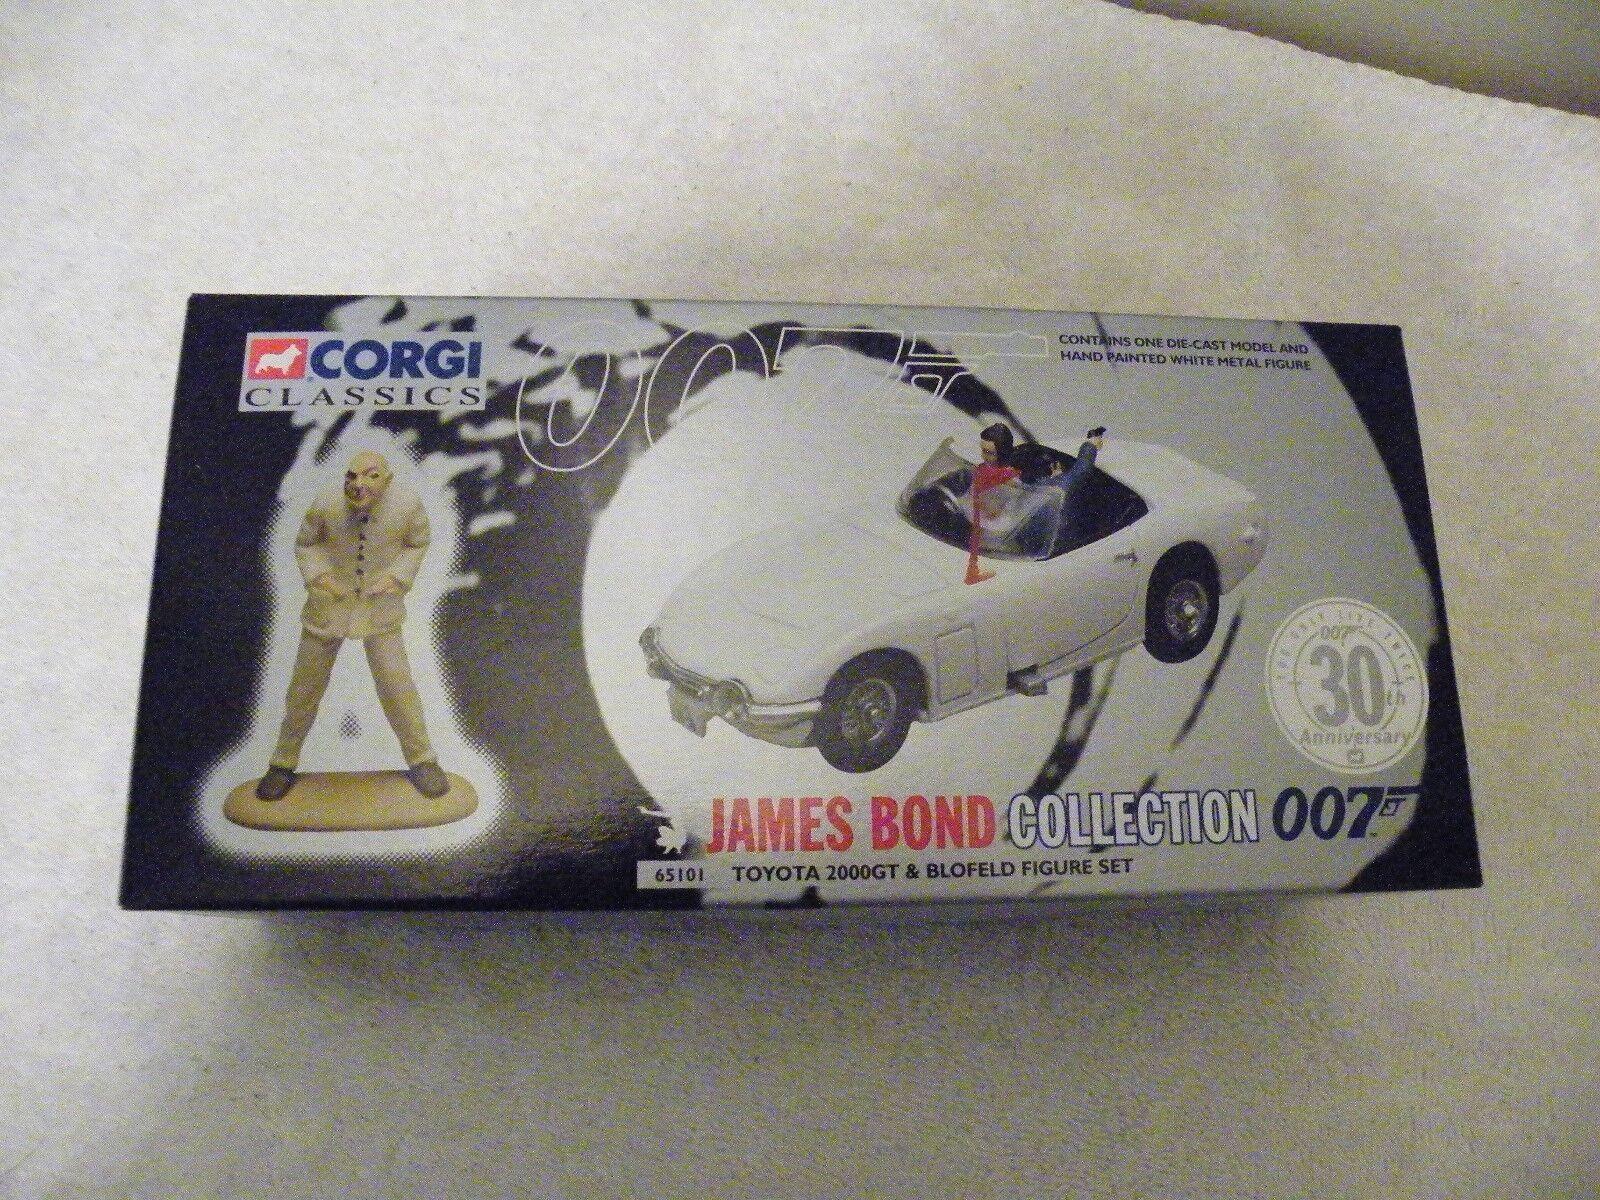 Bond Corgi classics gt2000 w figure-MIB